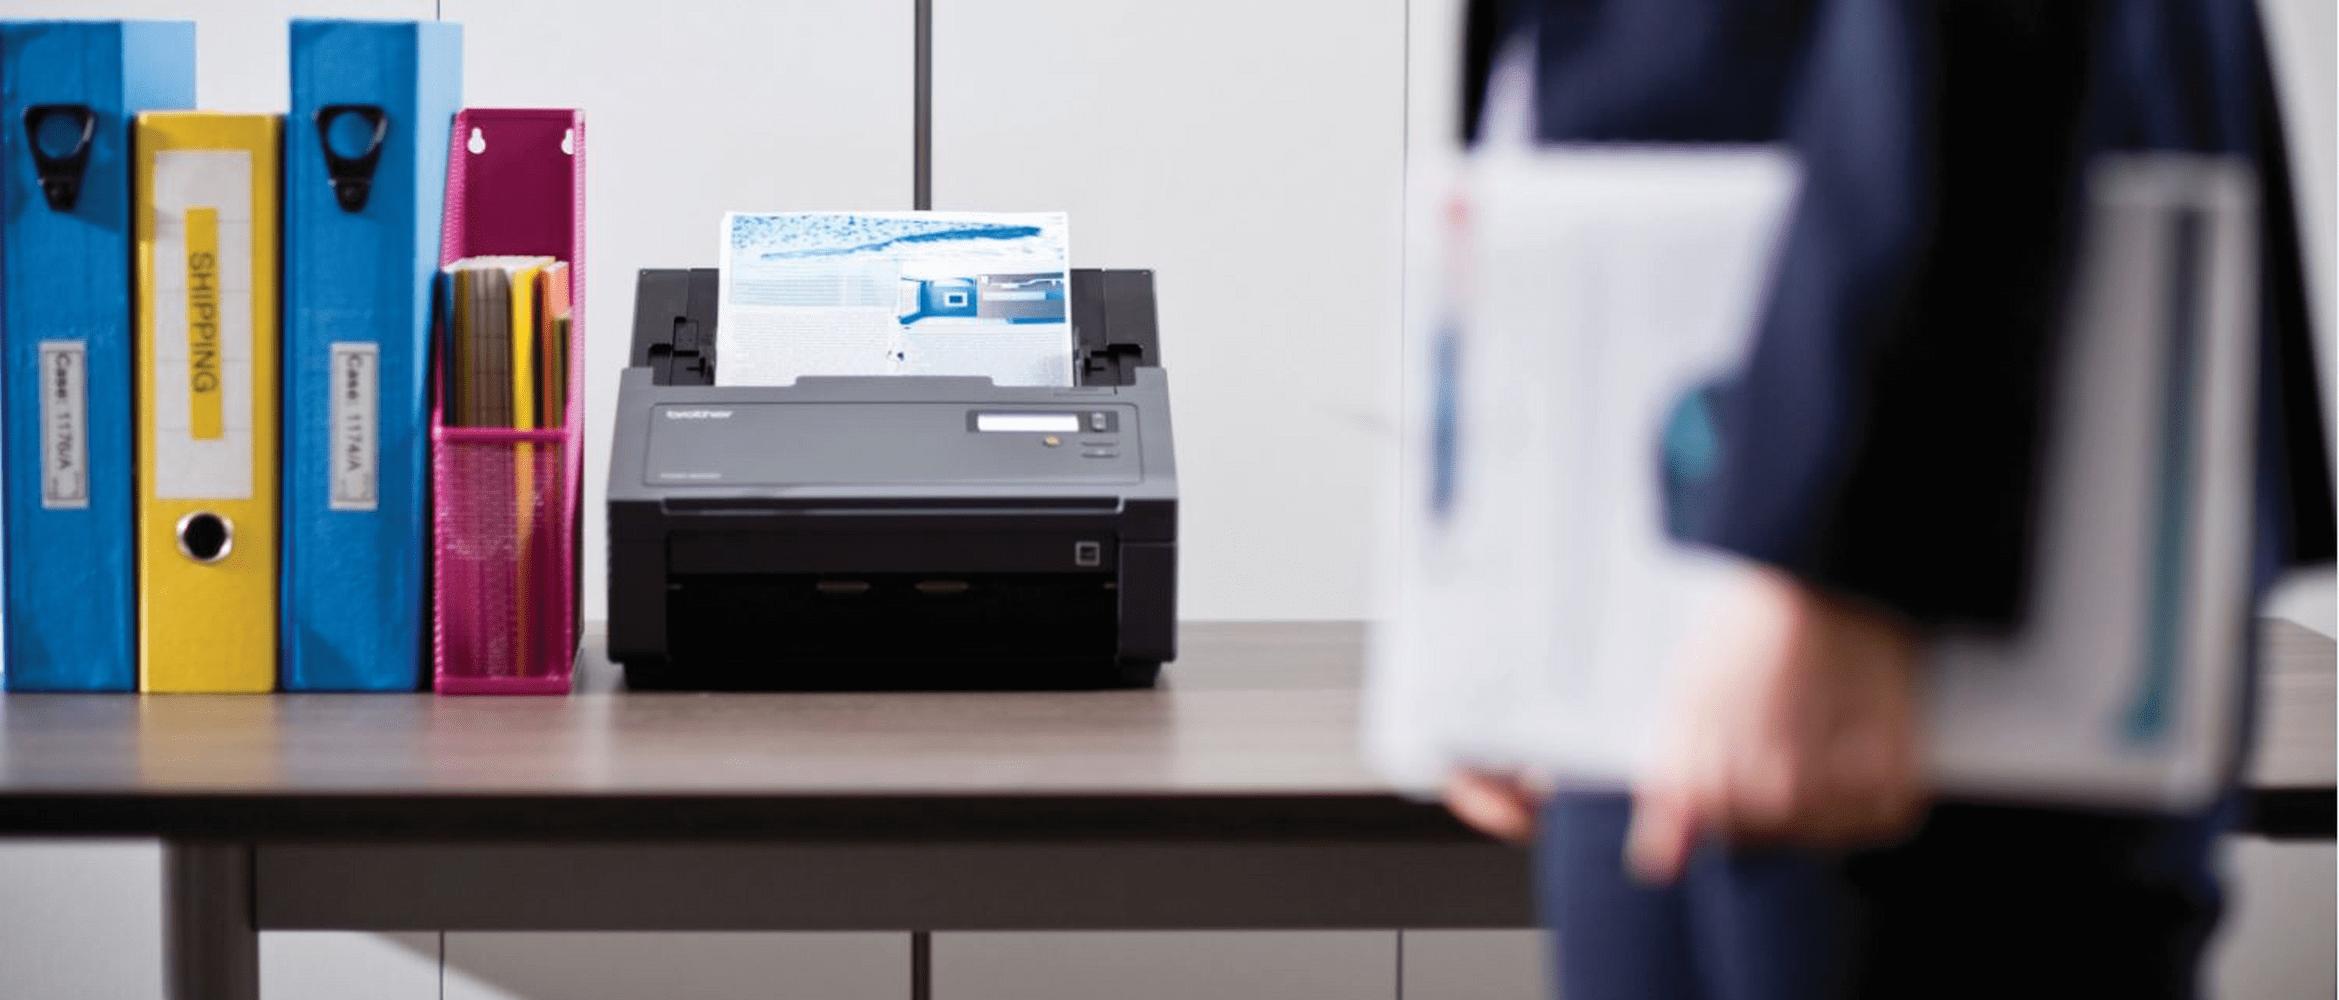 Brother PDS-6000 stolní skener dokumentů s kancelářskými složkami